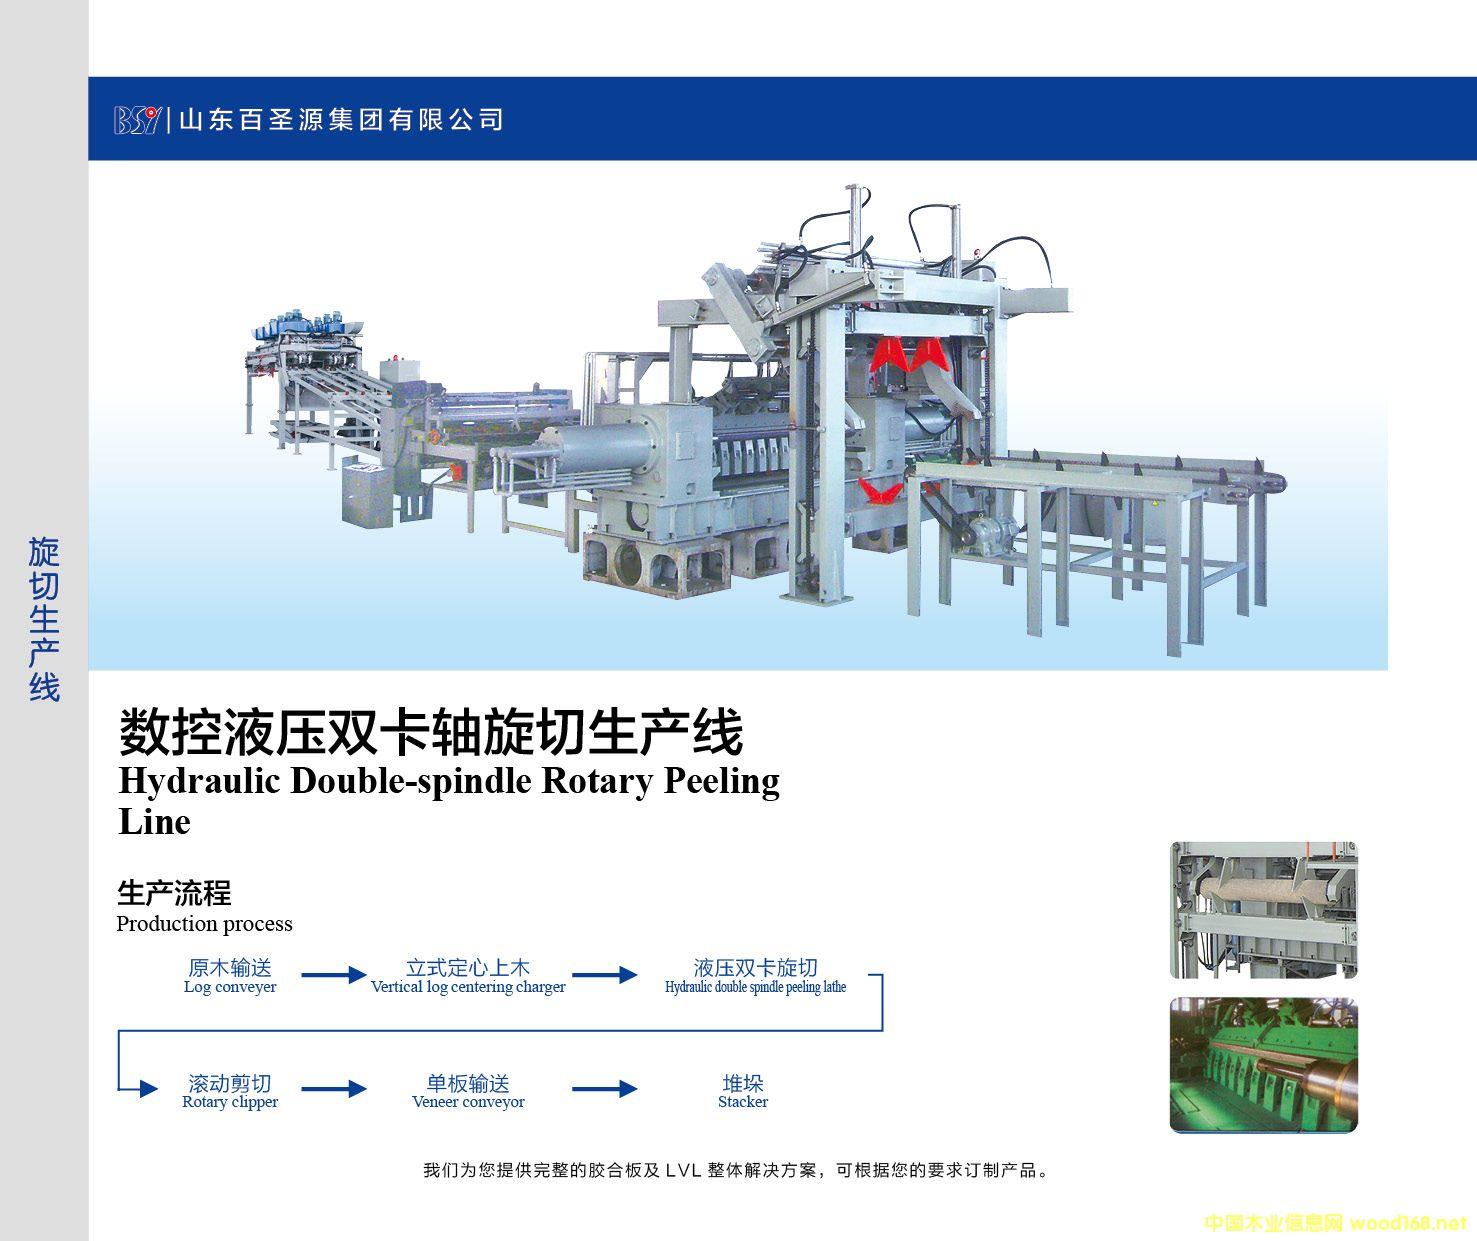 数控液压双卡轴旋切生产线的详细介绍